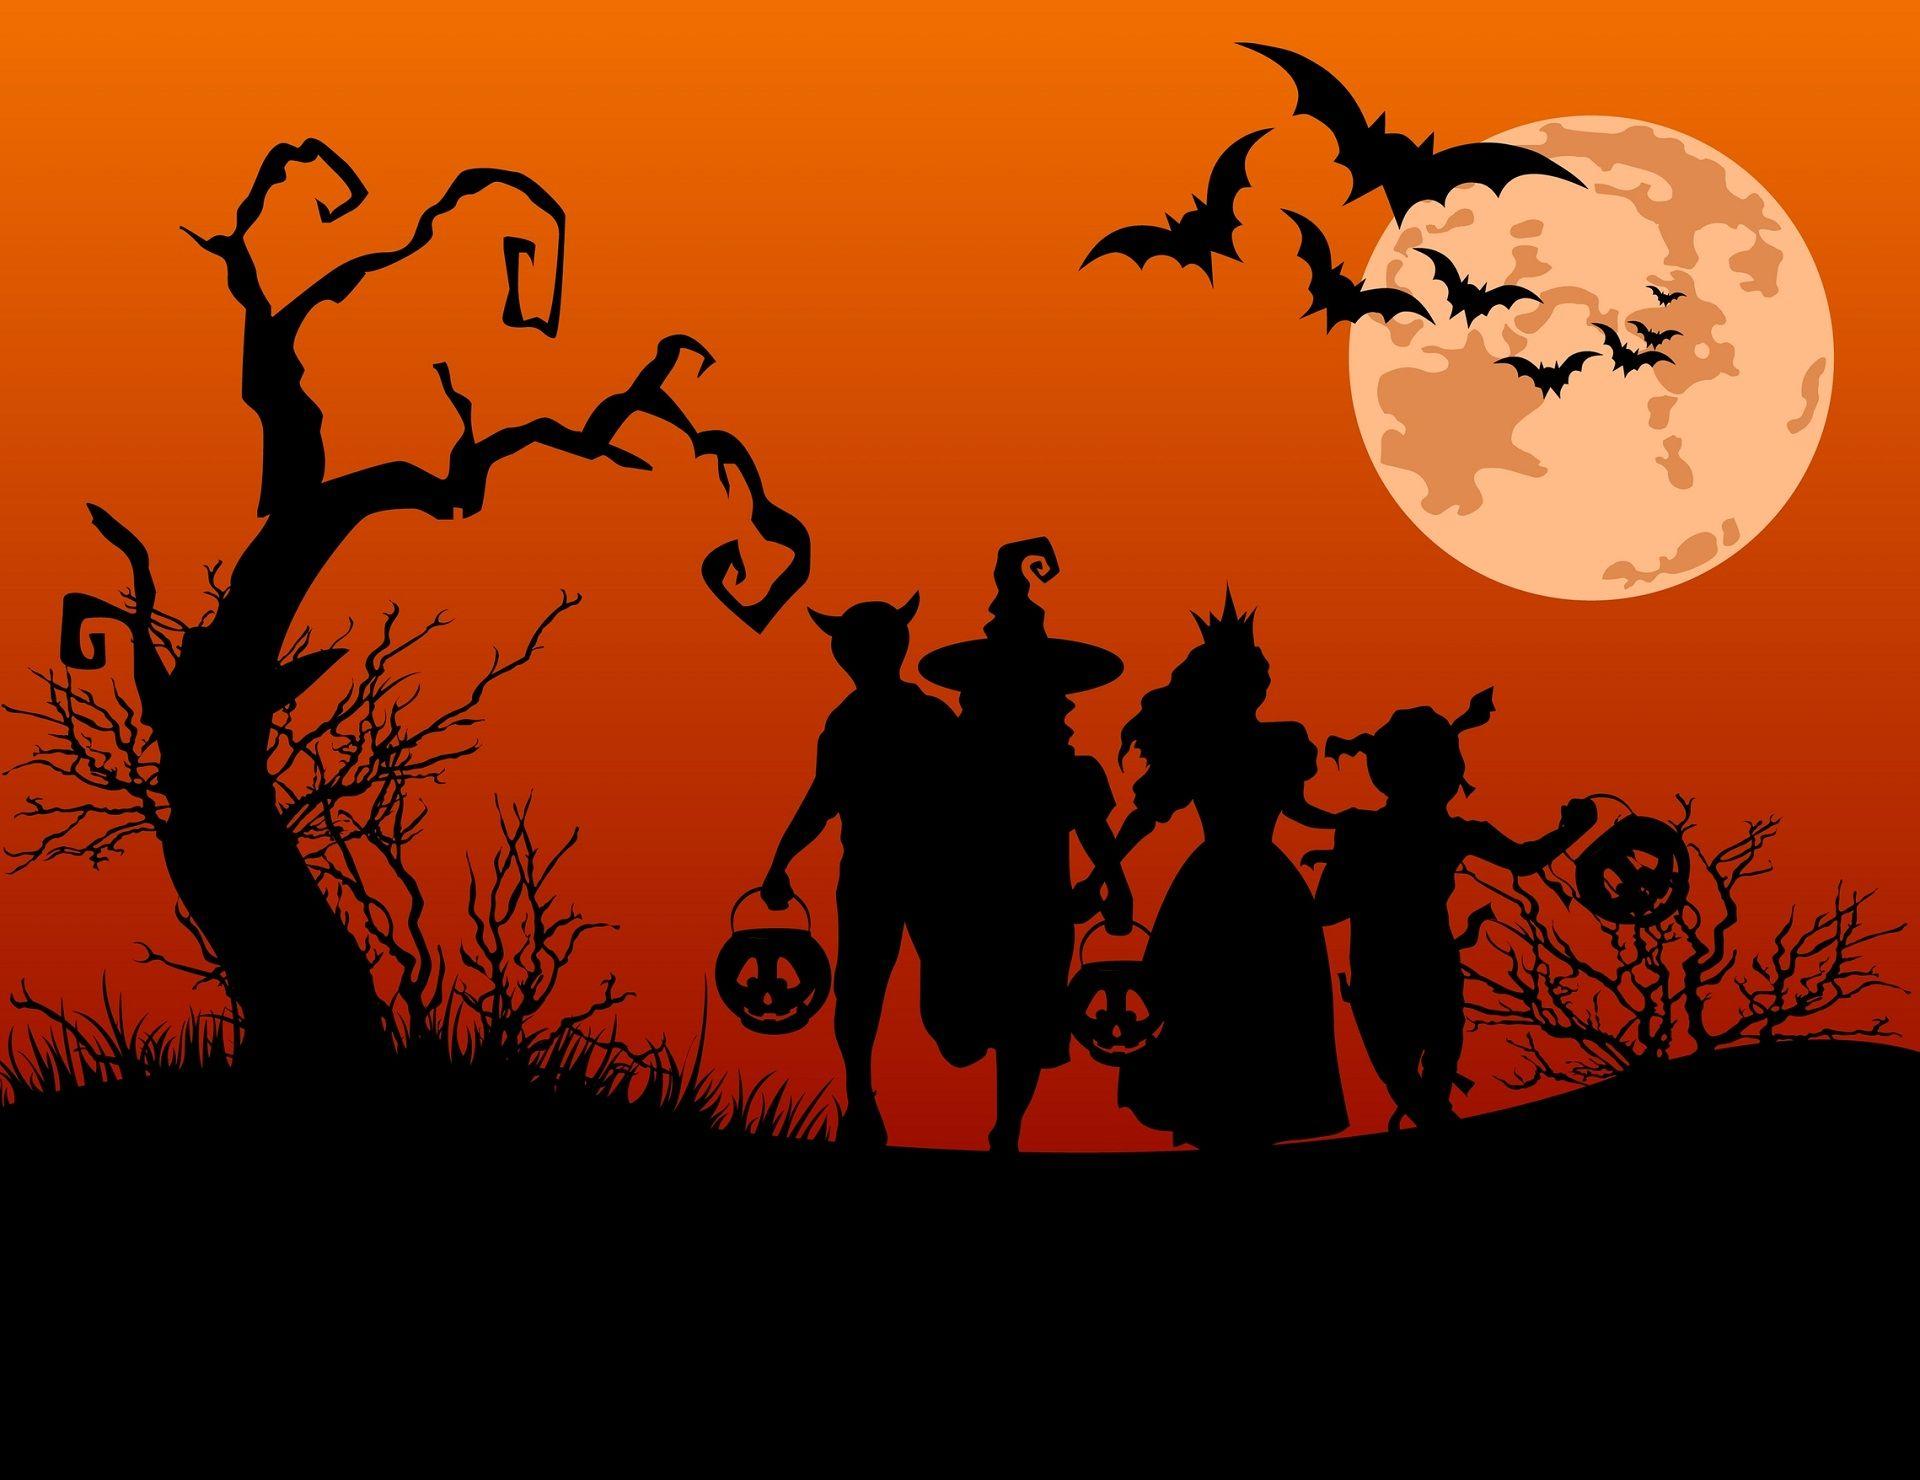 Download Wallpaper Halloween Pinterest - 5d3f15d010d8397b08aef311dfad1f3e  Gallery_585819.jpg